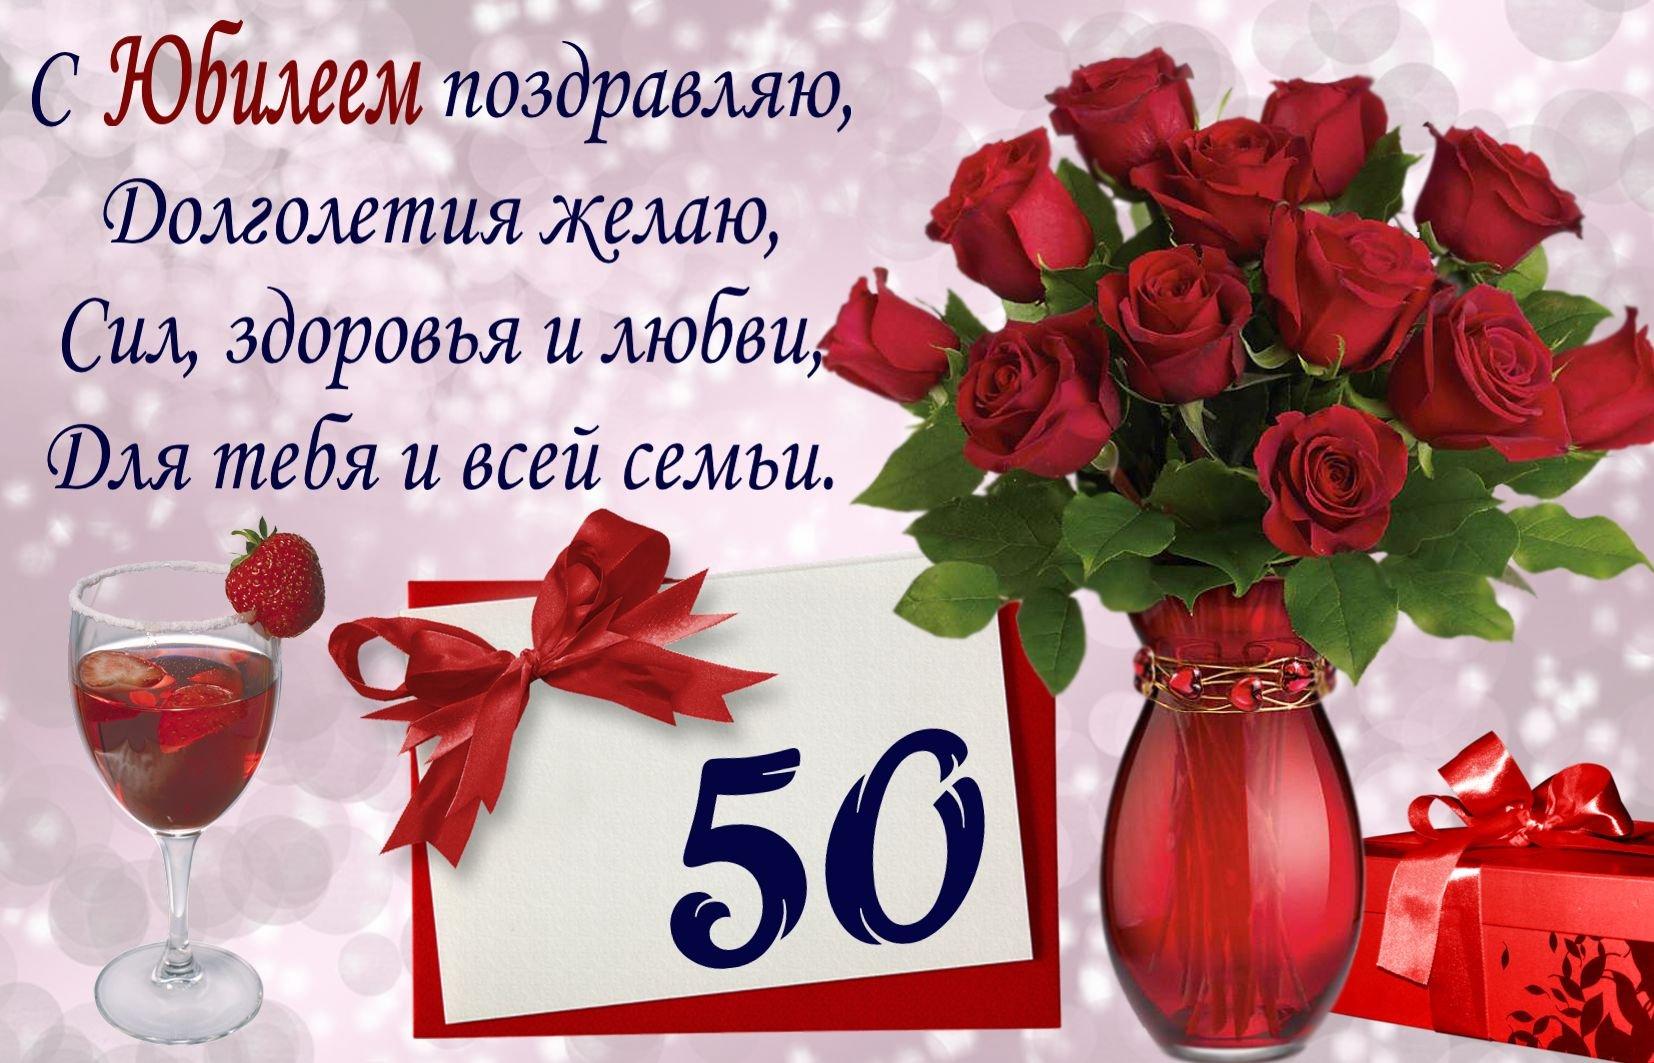 Словами, поздравления в картинках с юбилеем 45 лет женщине